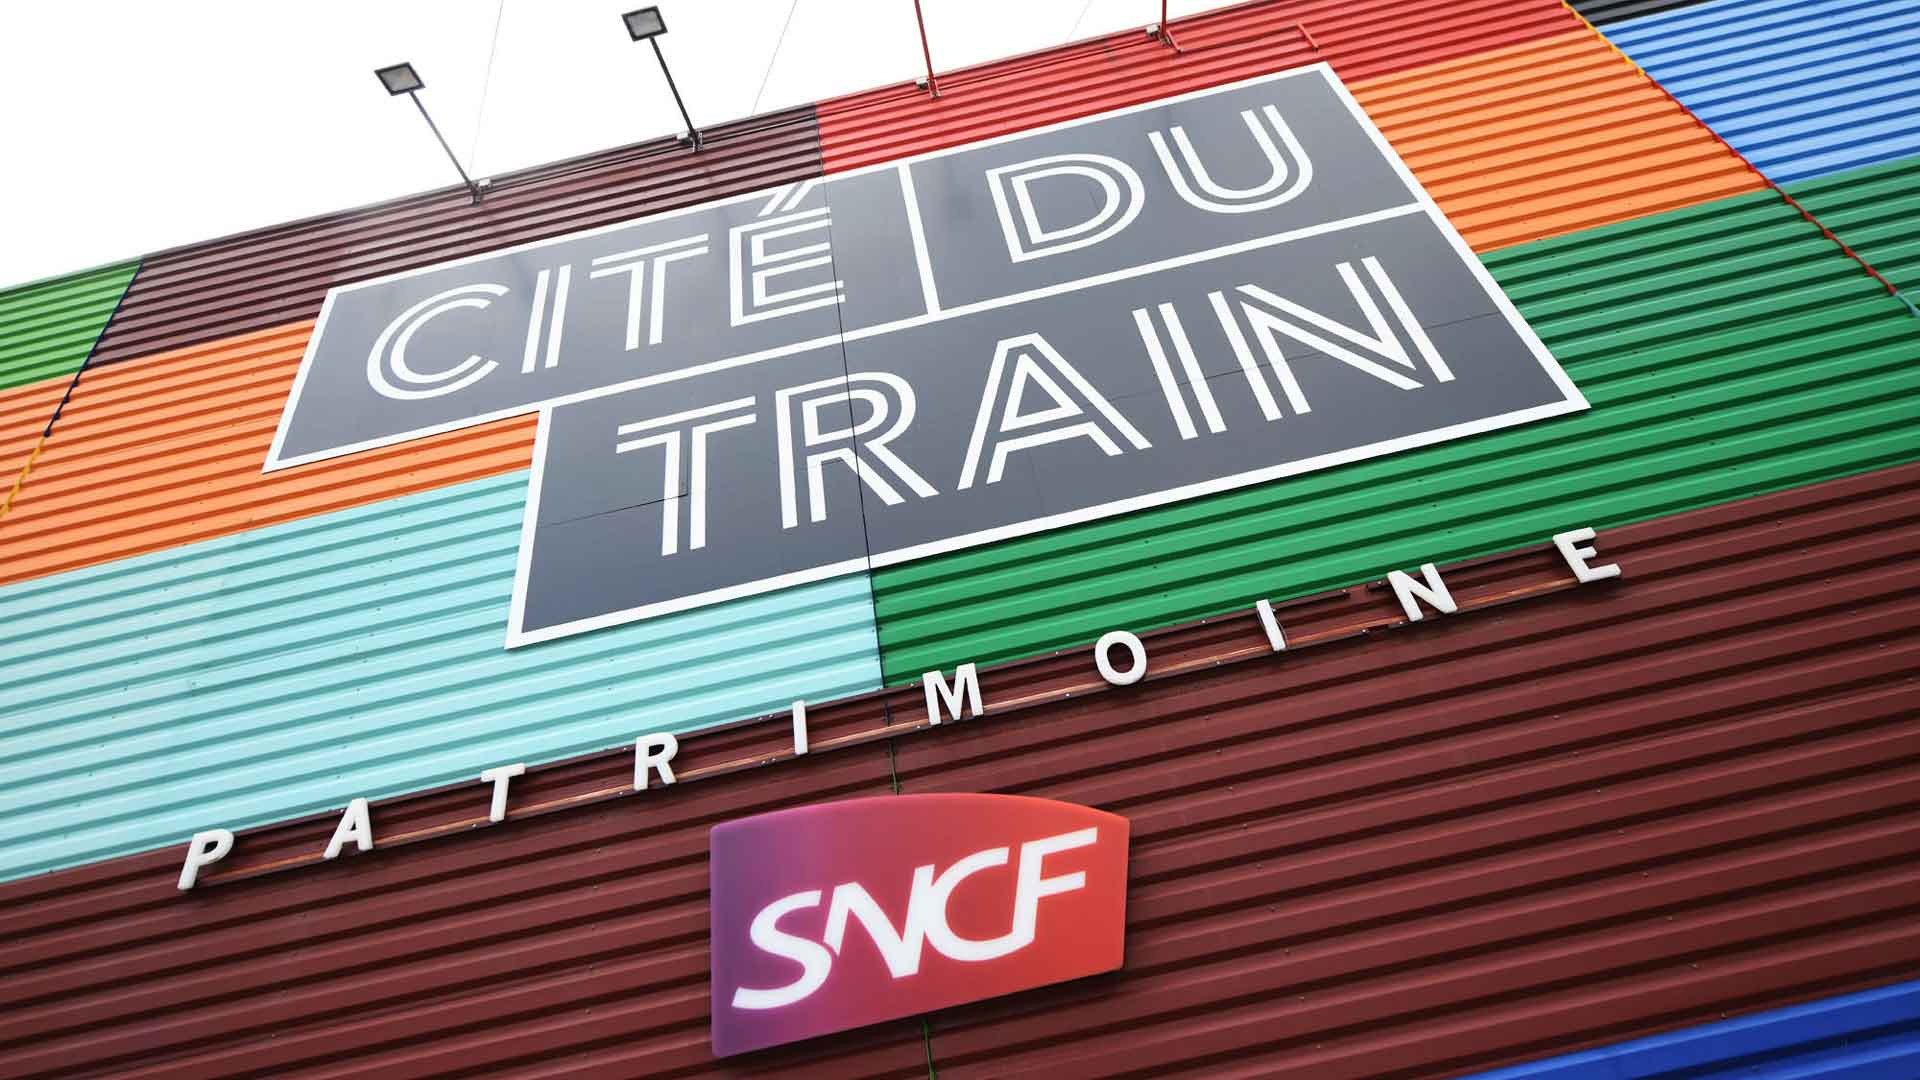 Redécouvrir la Cité du Train lors des Journées Amusées